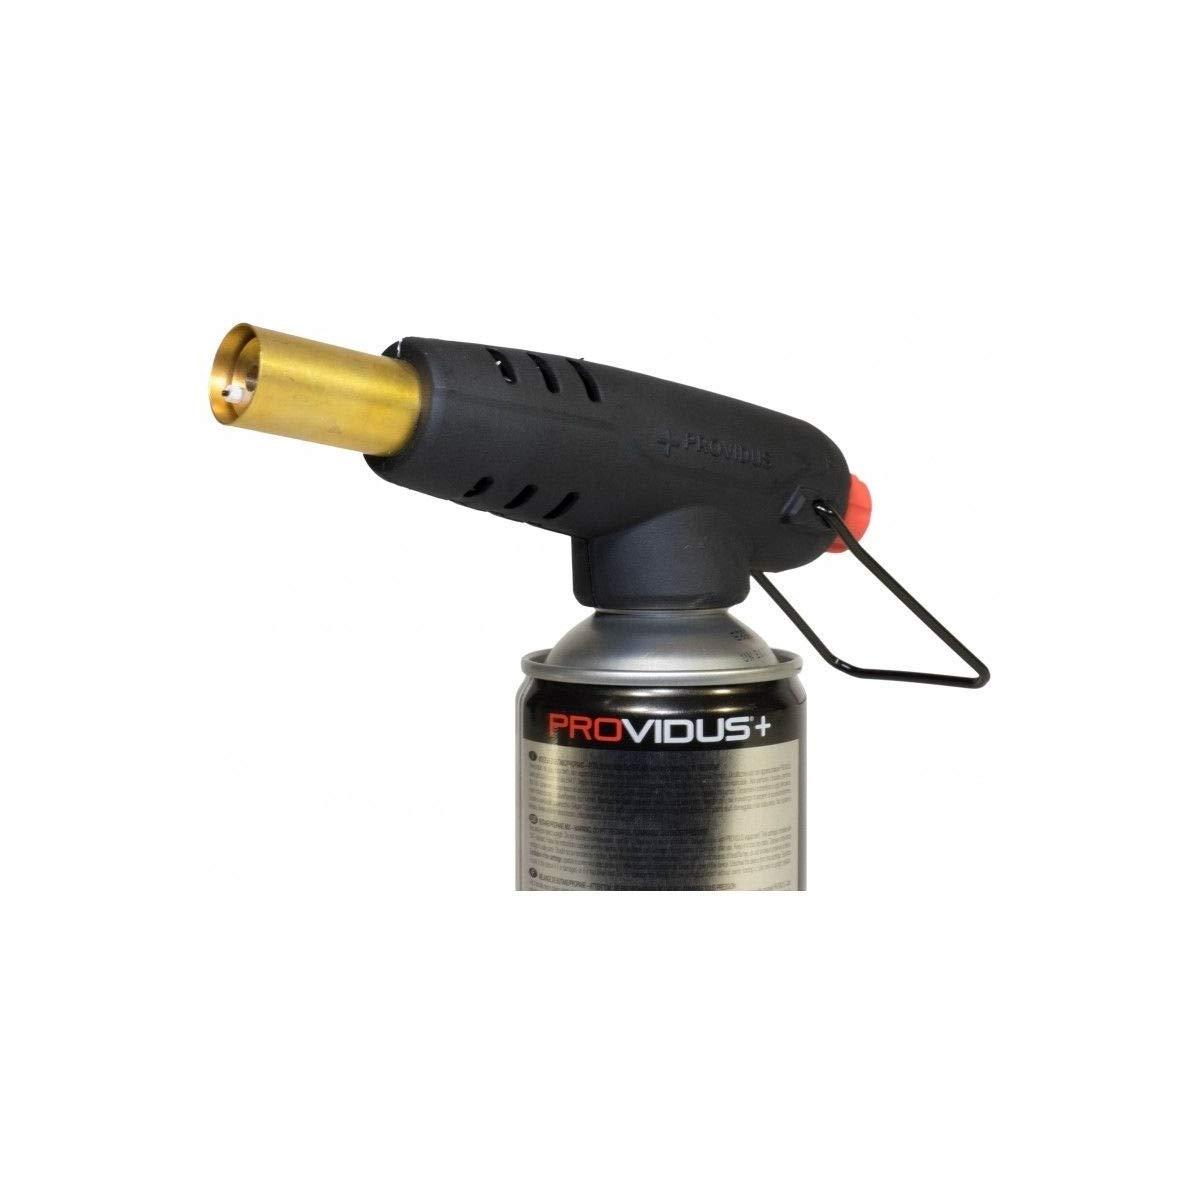 Soplete Gas roscado PV 933 botella de gas de valve. soldadura blanda - étamage - dégrippage. Cartucho Gas butano propano incluida: Amazon.es: Iluminación